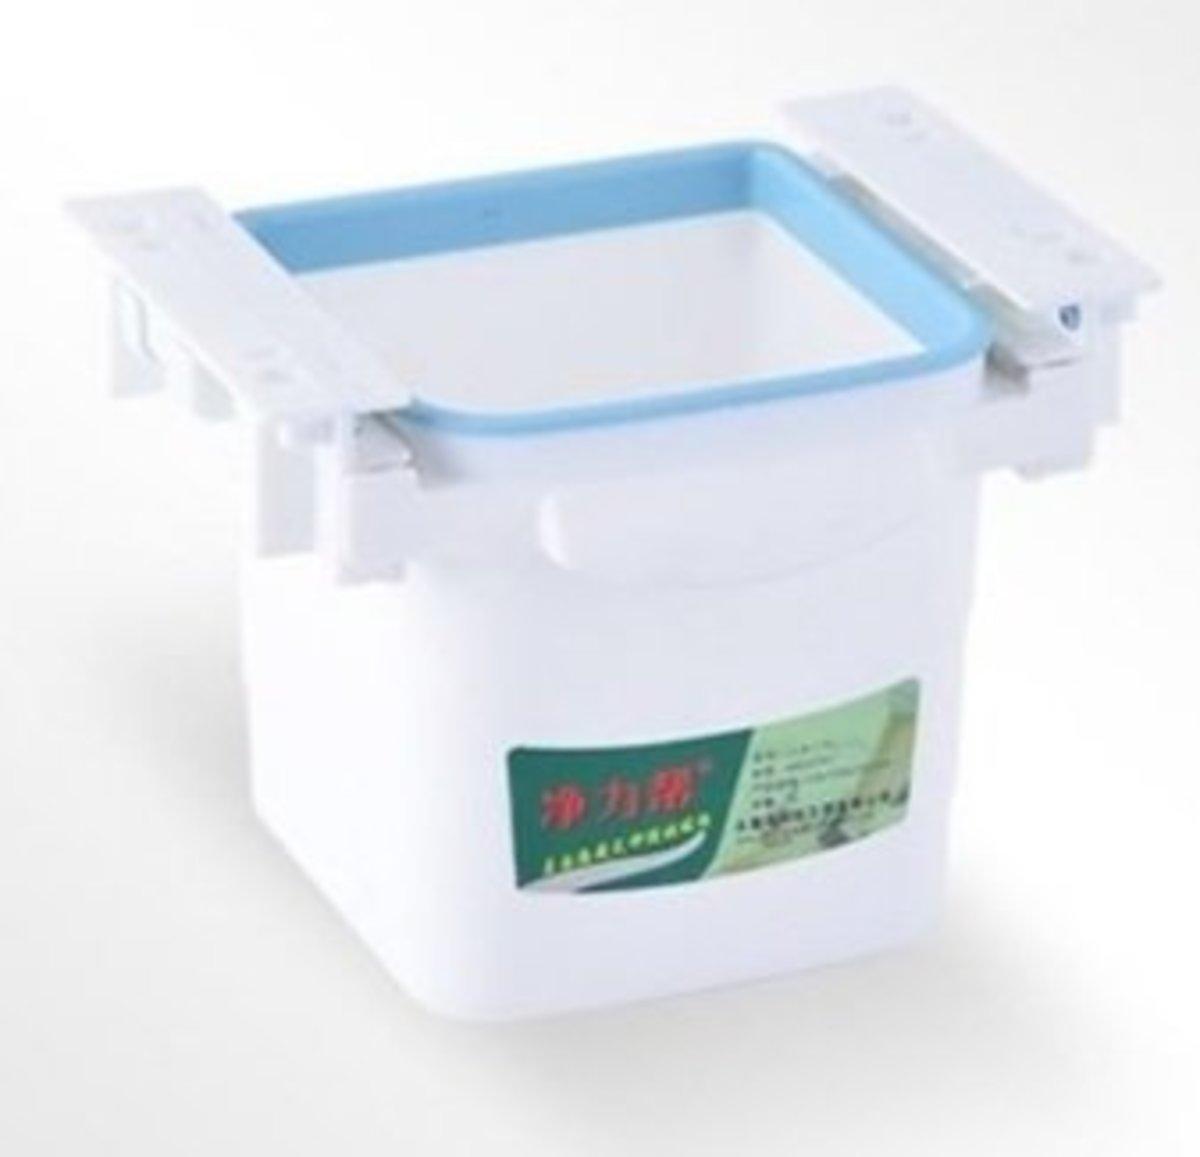 [白色] 創意可伸縮隱藏軌道抽屜/垃圾桶/枱底/隱藏式垃圾桶/櫃桶/收納